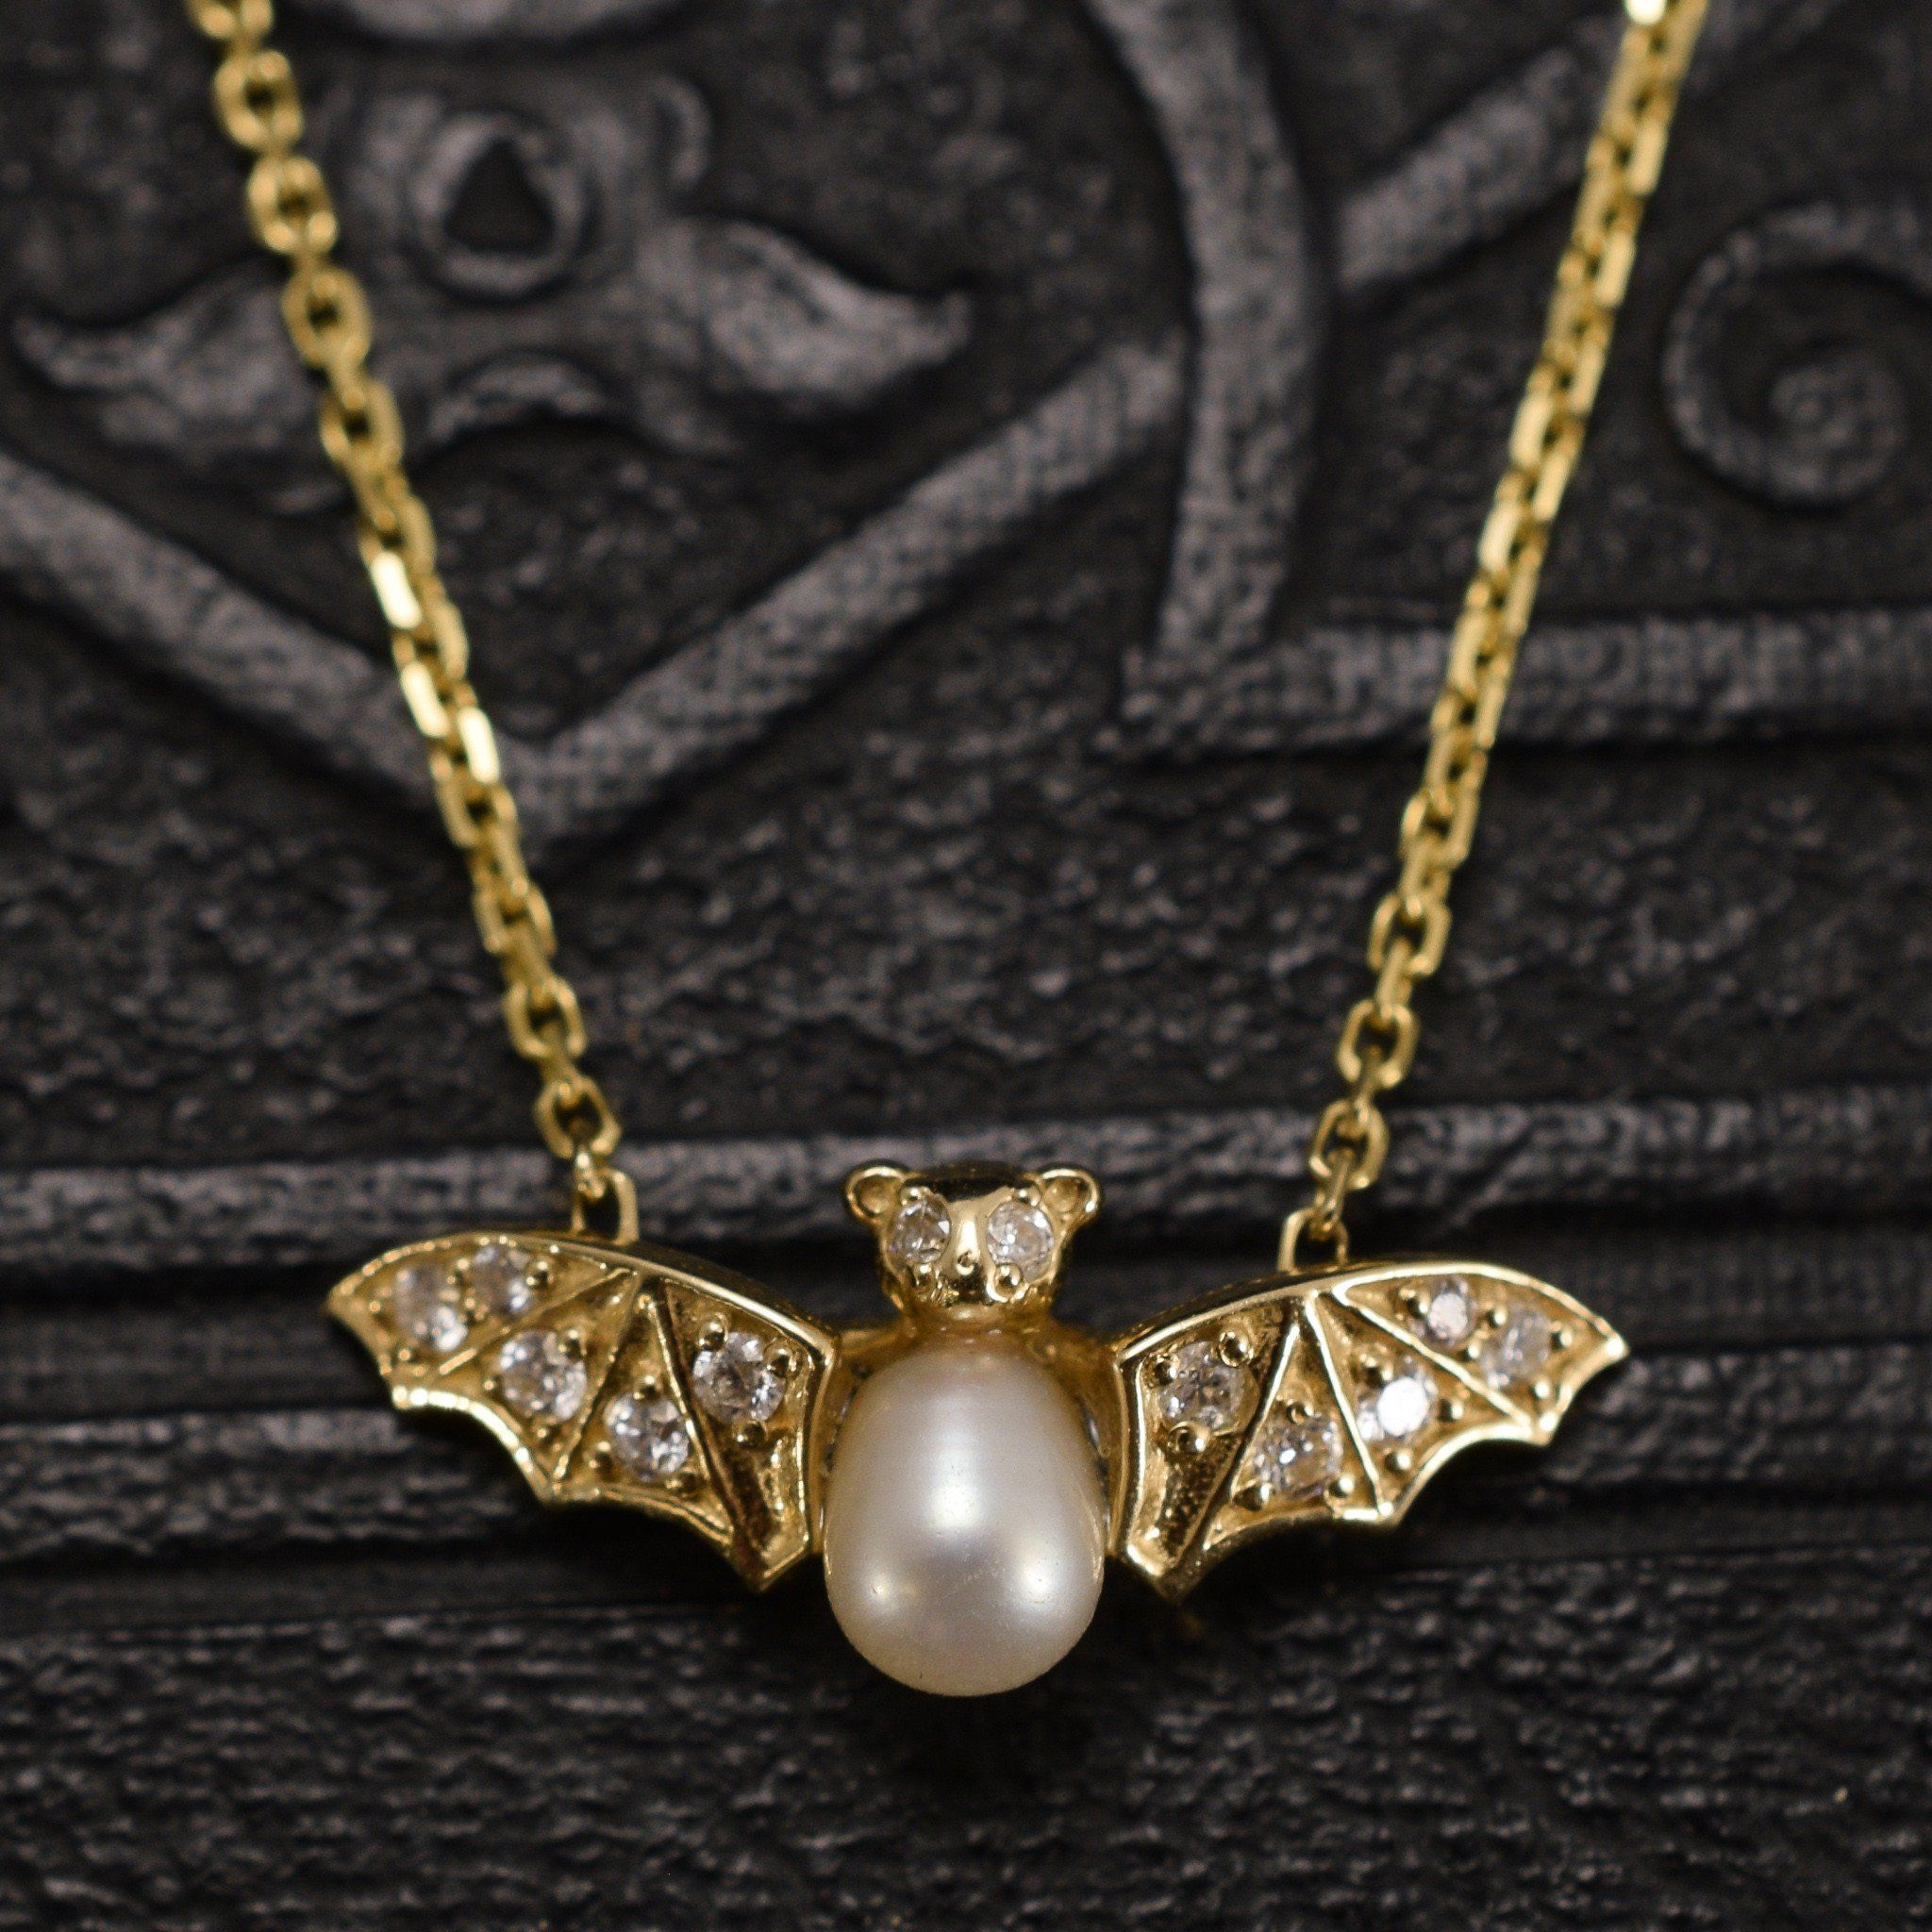 Jeweled bat necklace